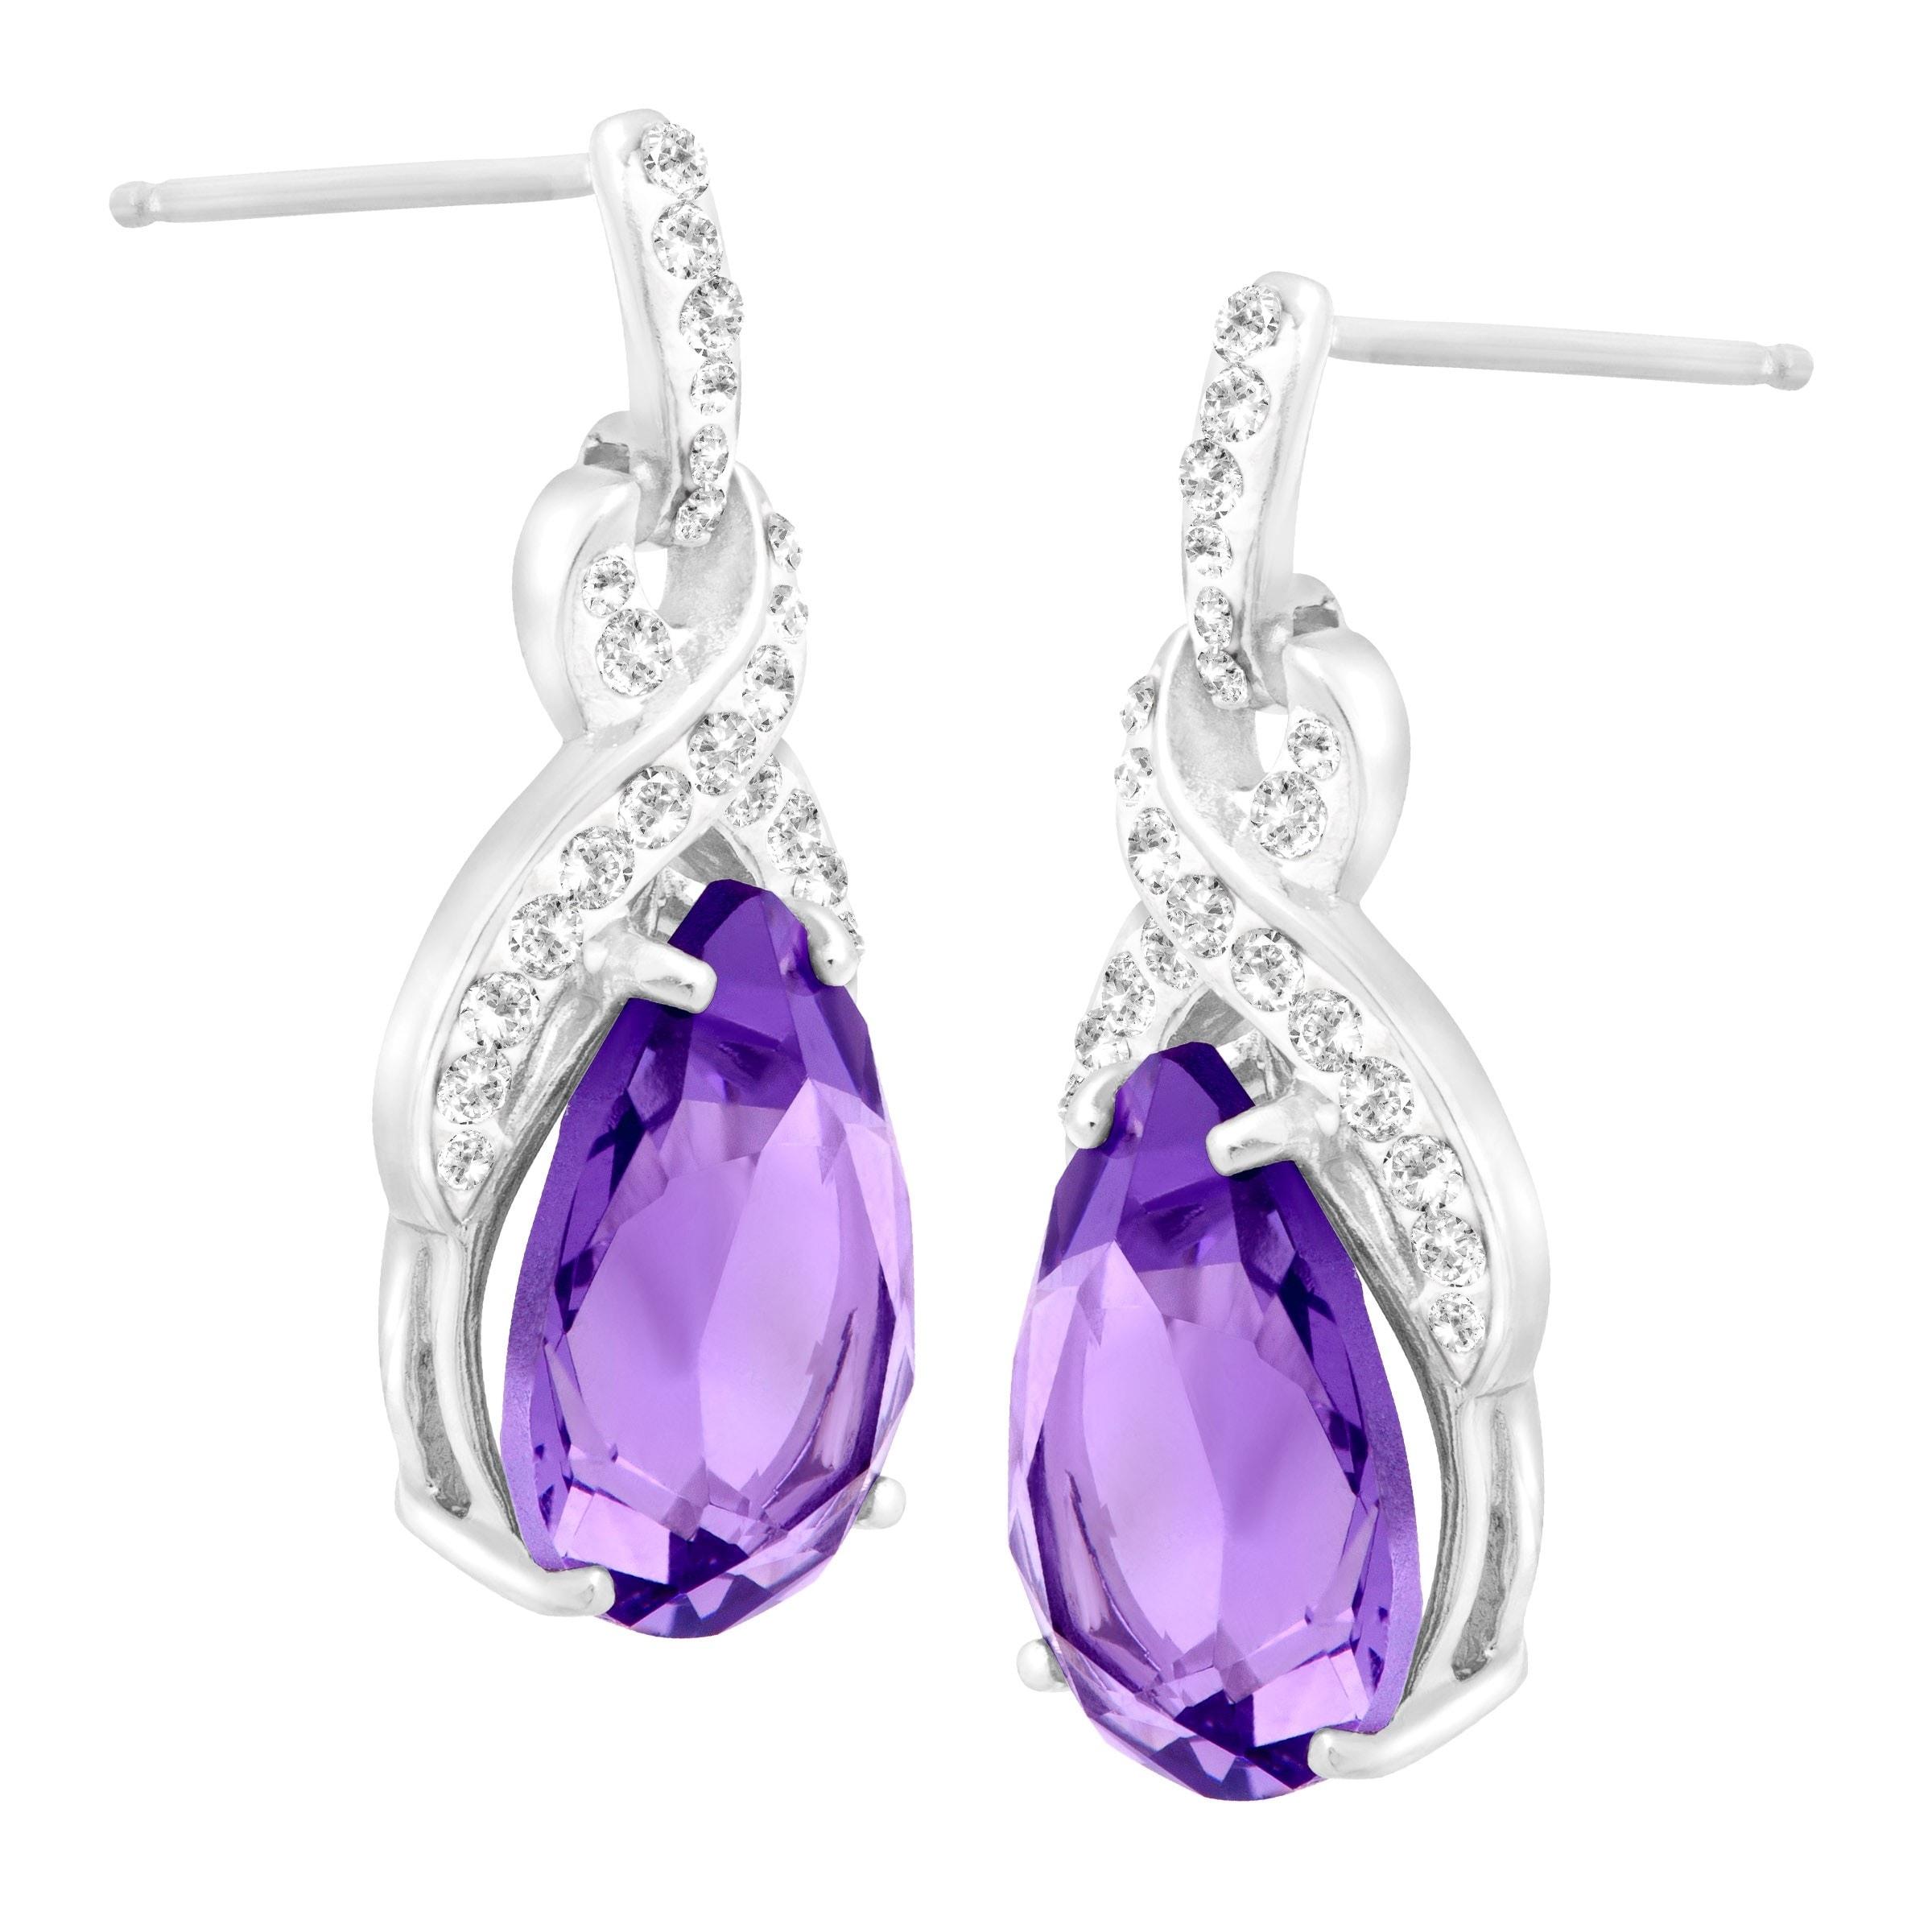 Crystaluxe Drop Earrings With Purple